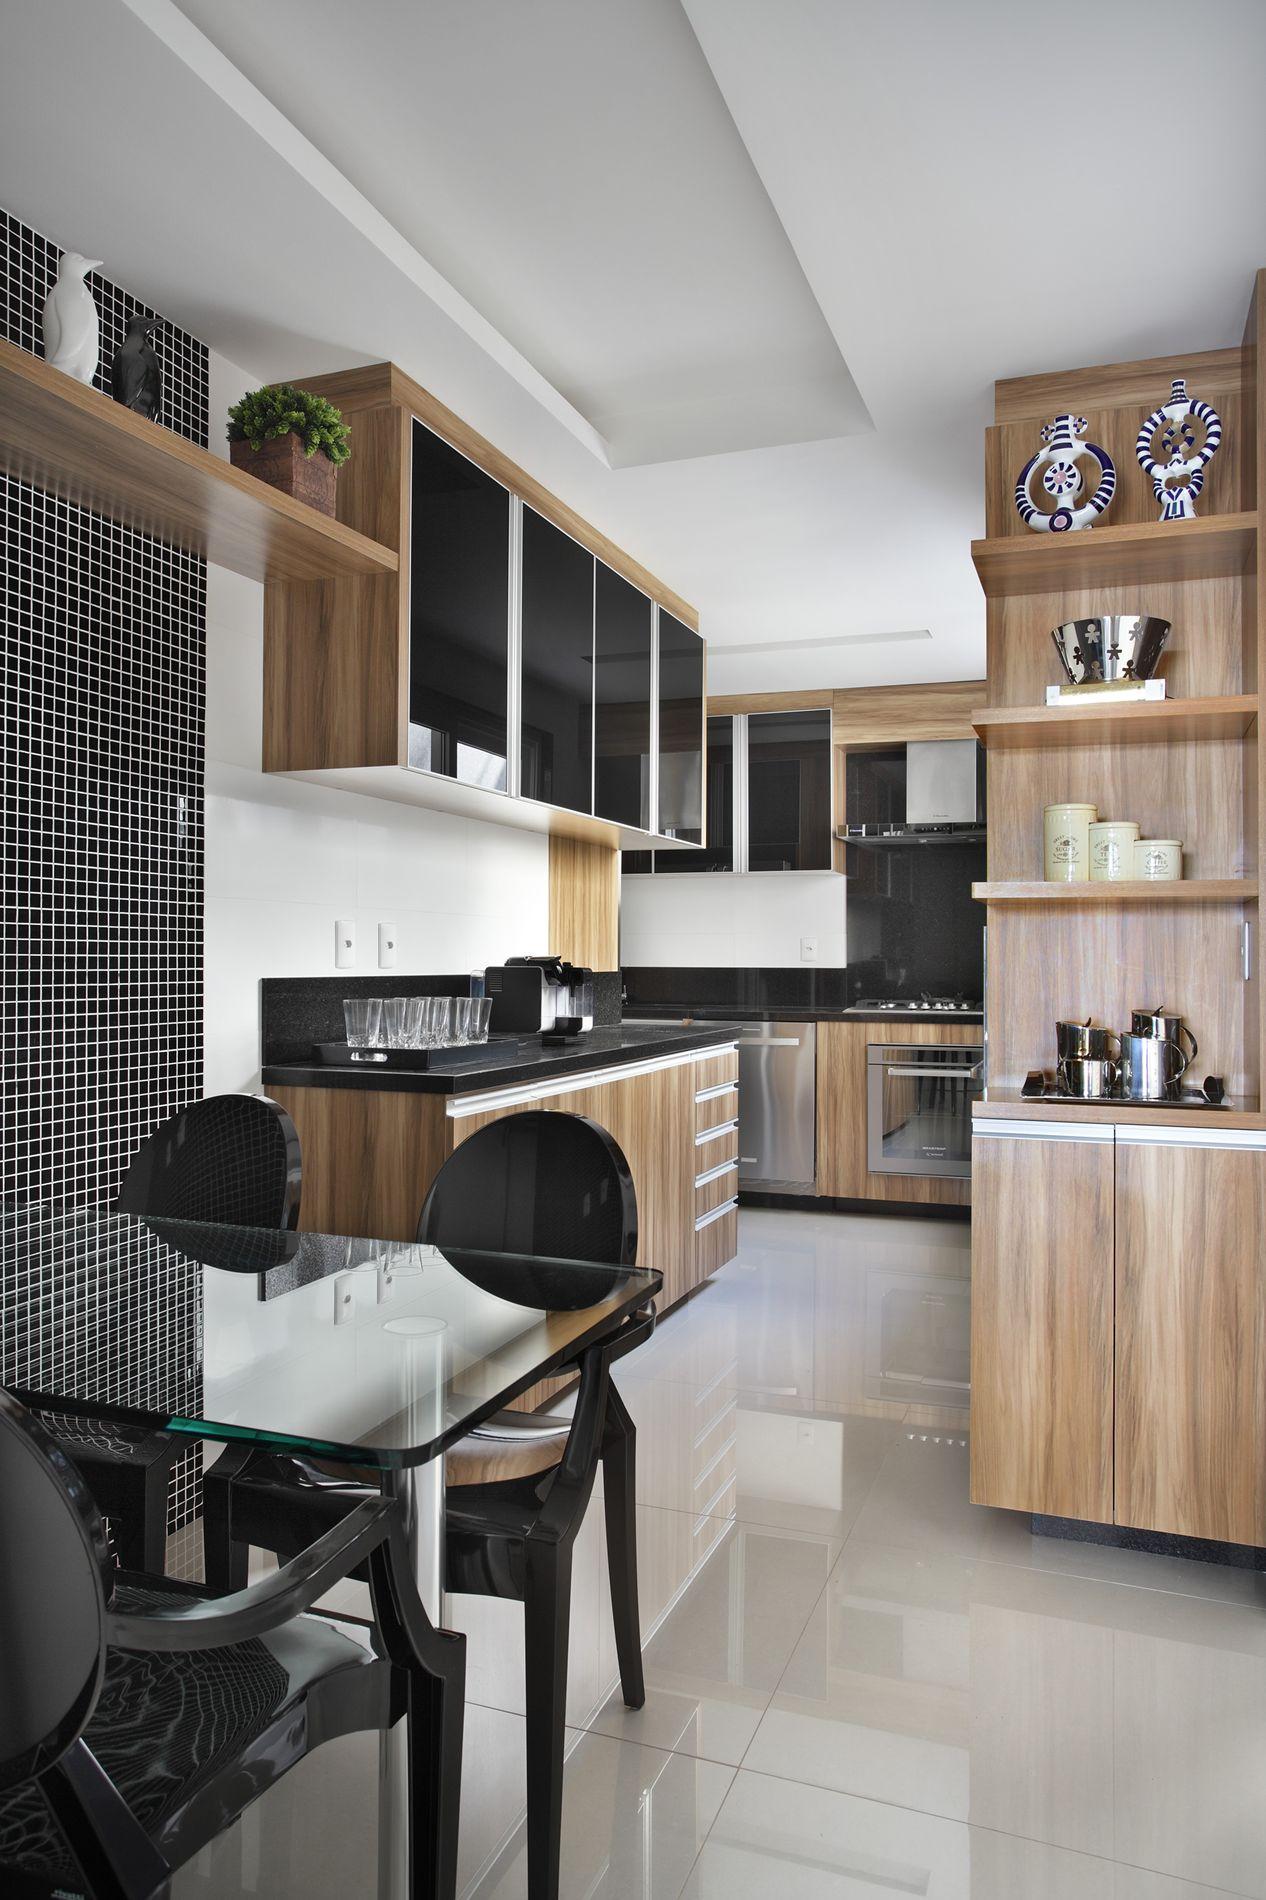 cozinhas cozinhas cozinhas cozinhas cozinhas cozinhas cozinhas  #624C3B 1266 1900